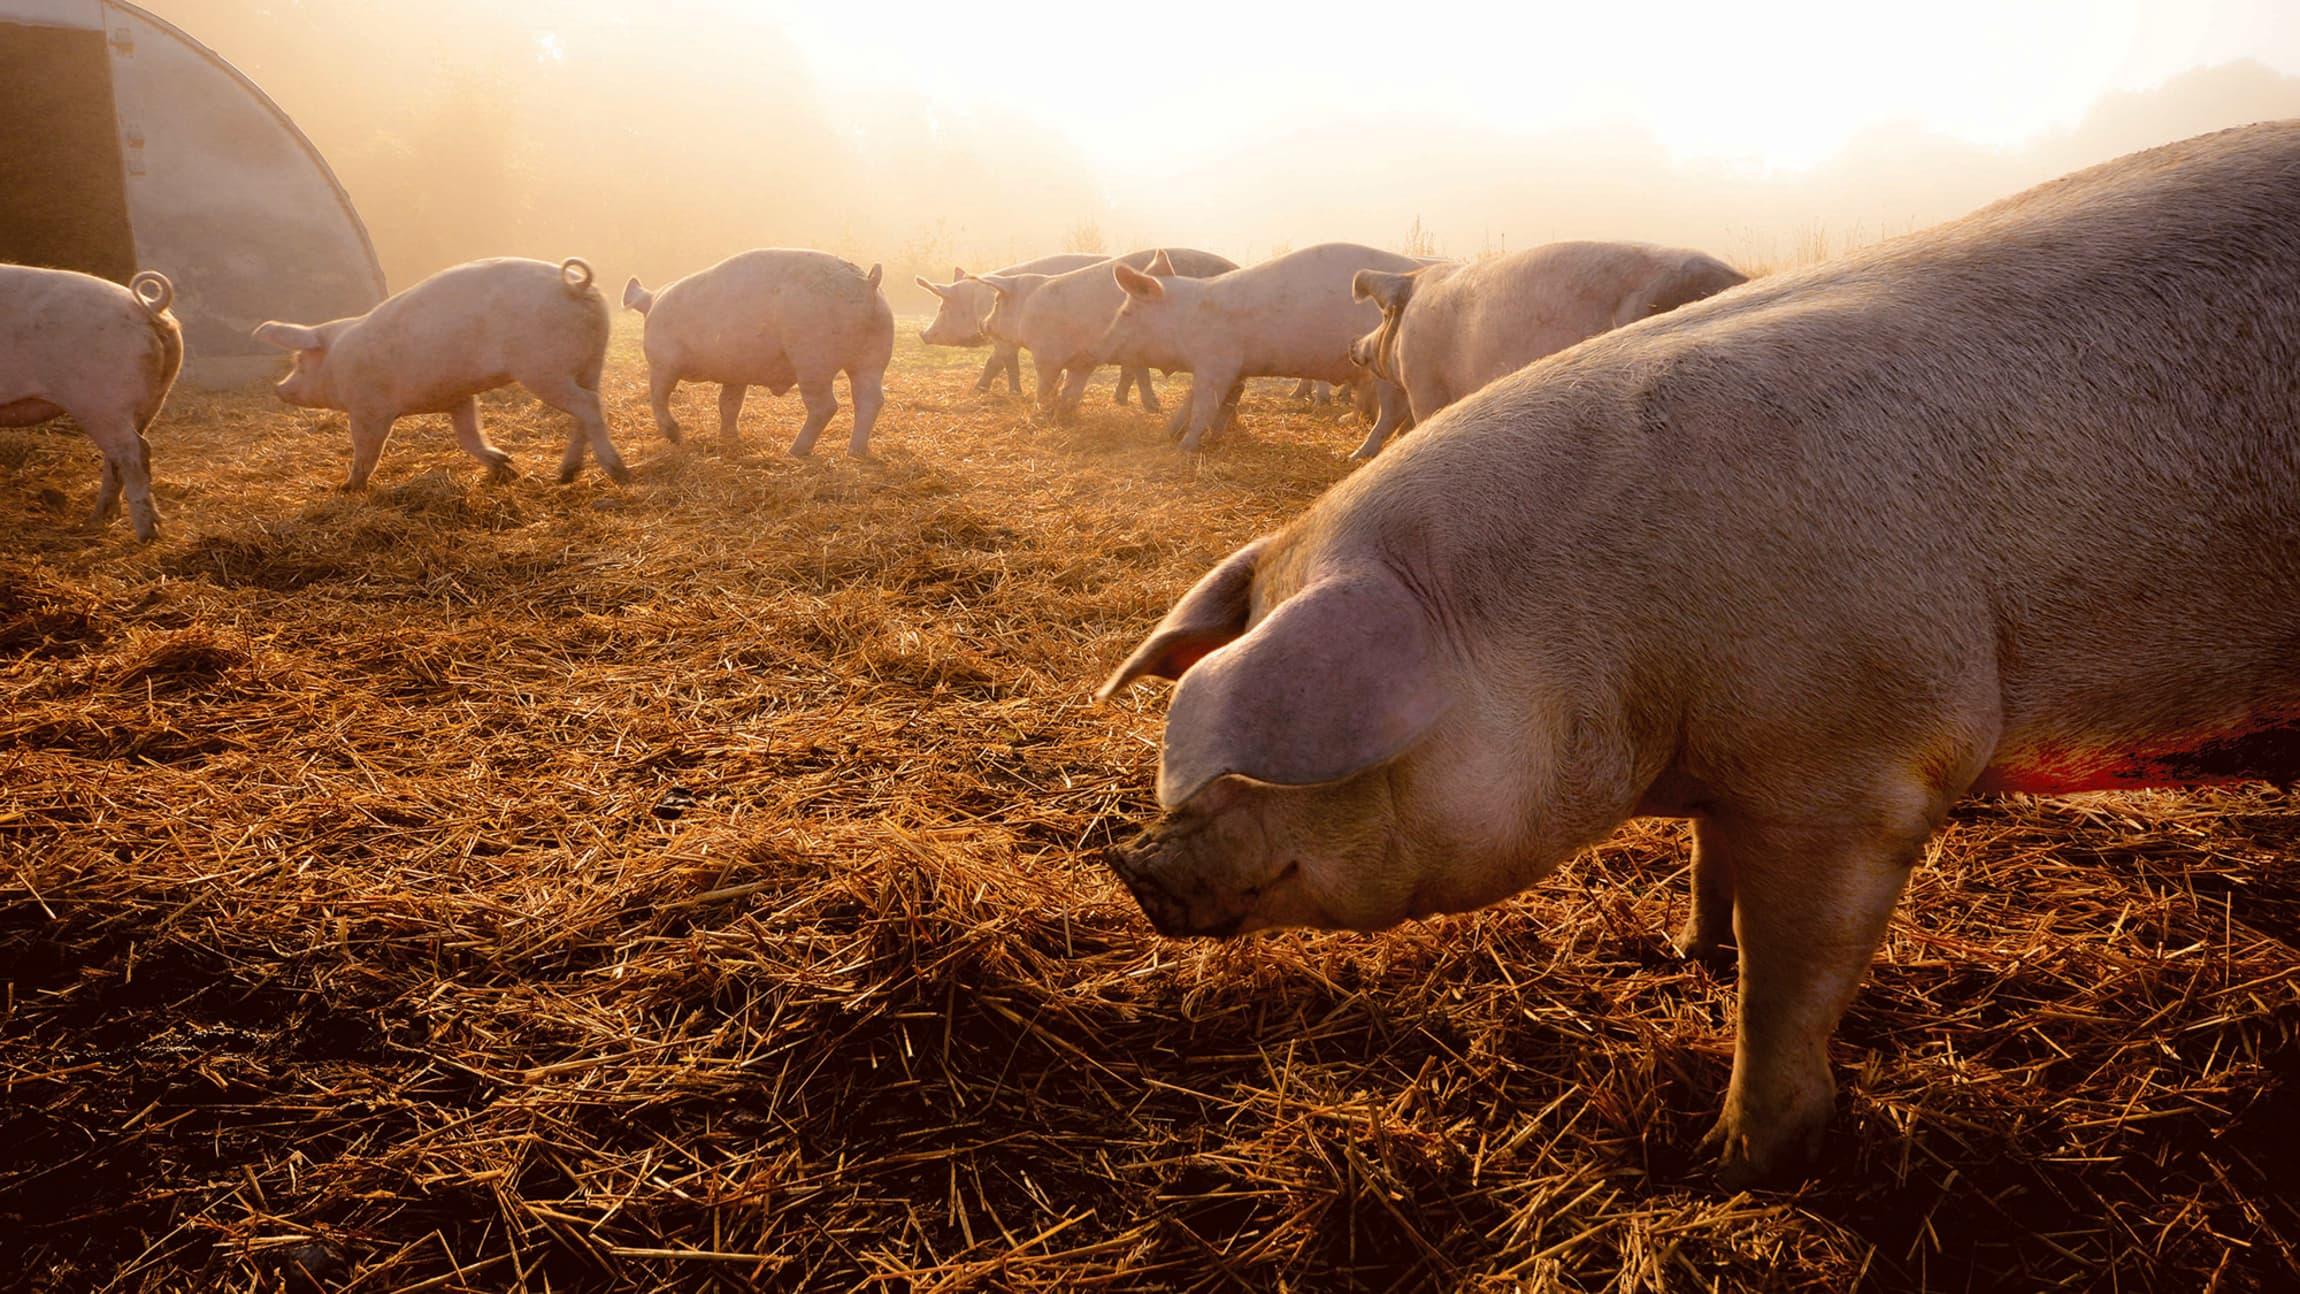 Å ha friheten til å rote i halm, gress og jord gir grunnlag for et lykkelig griseliv